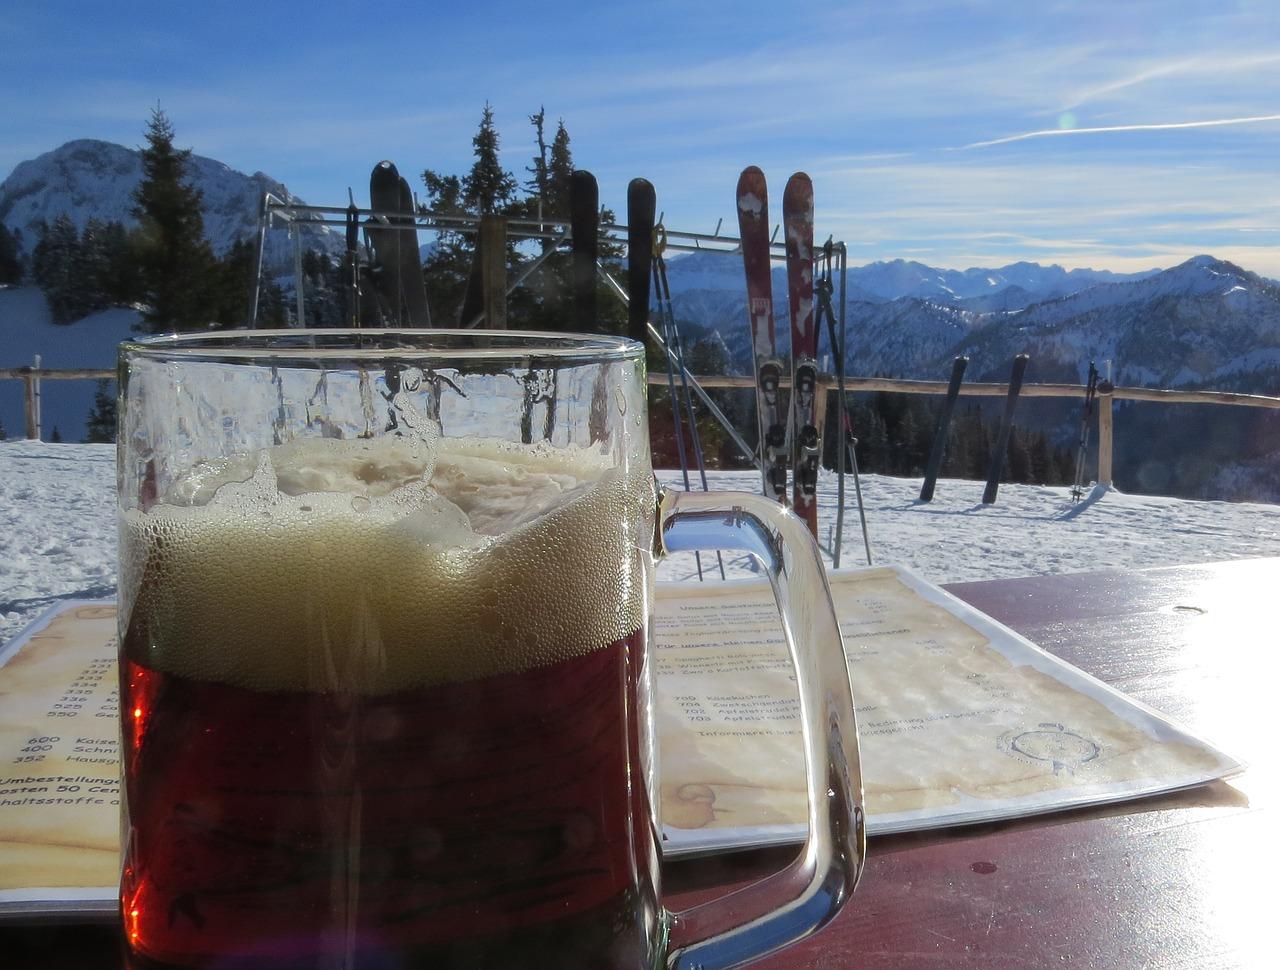 ubezpieczenie-narciarskie-a-alkohol